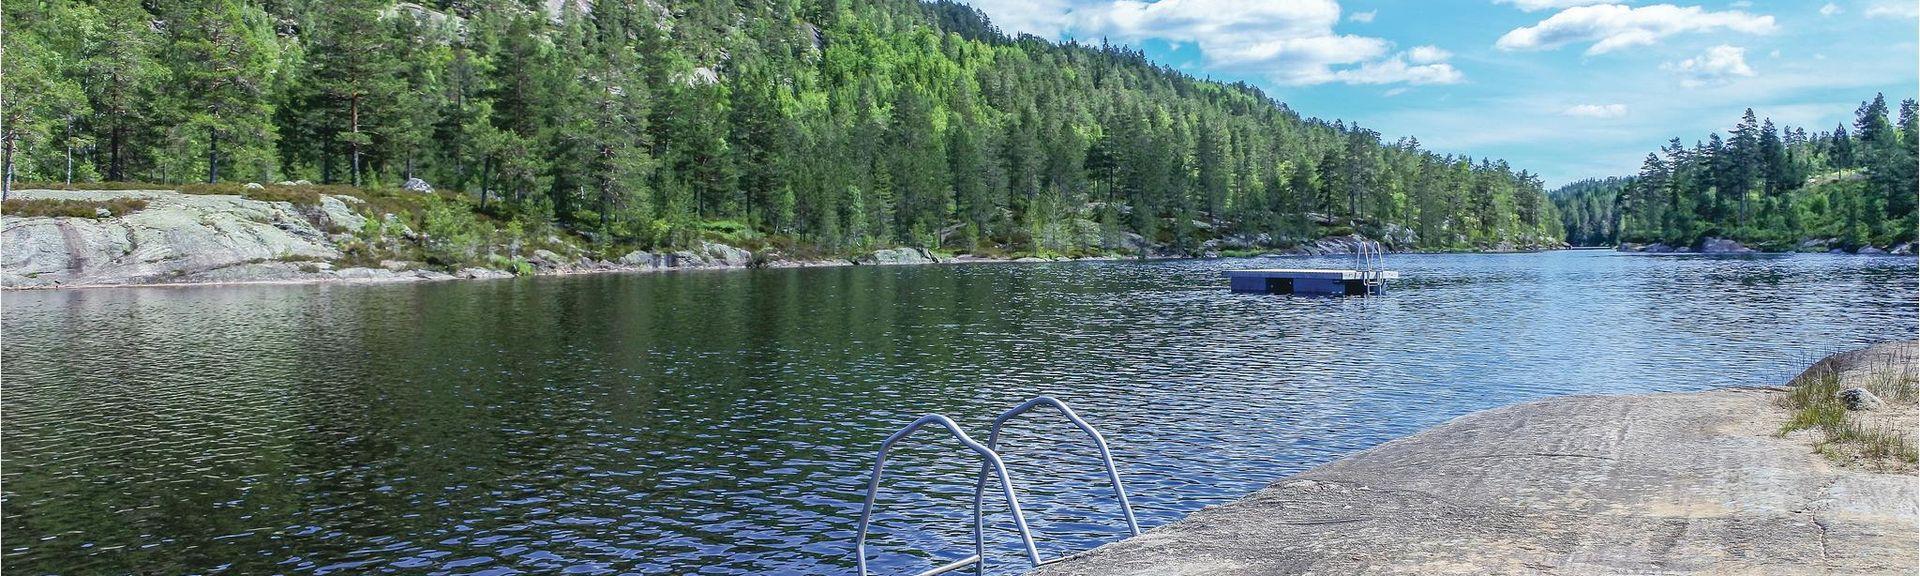 Treungen, Comté de Telemark, Norvège